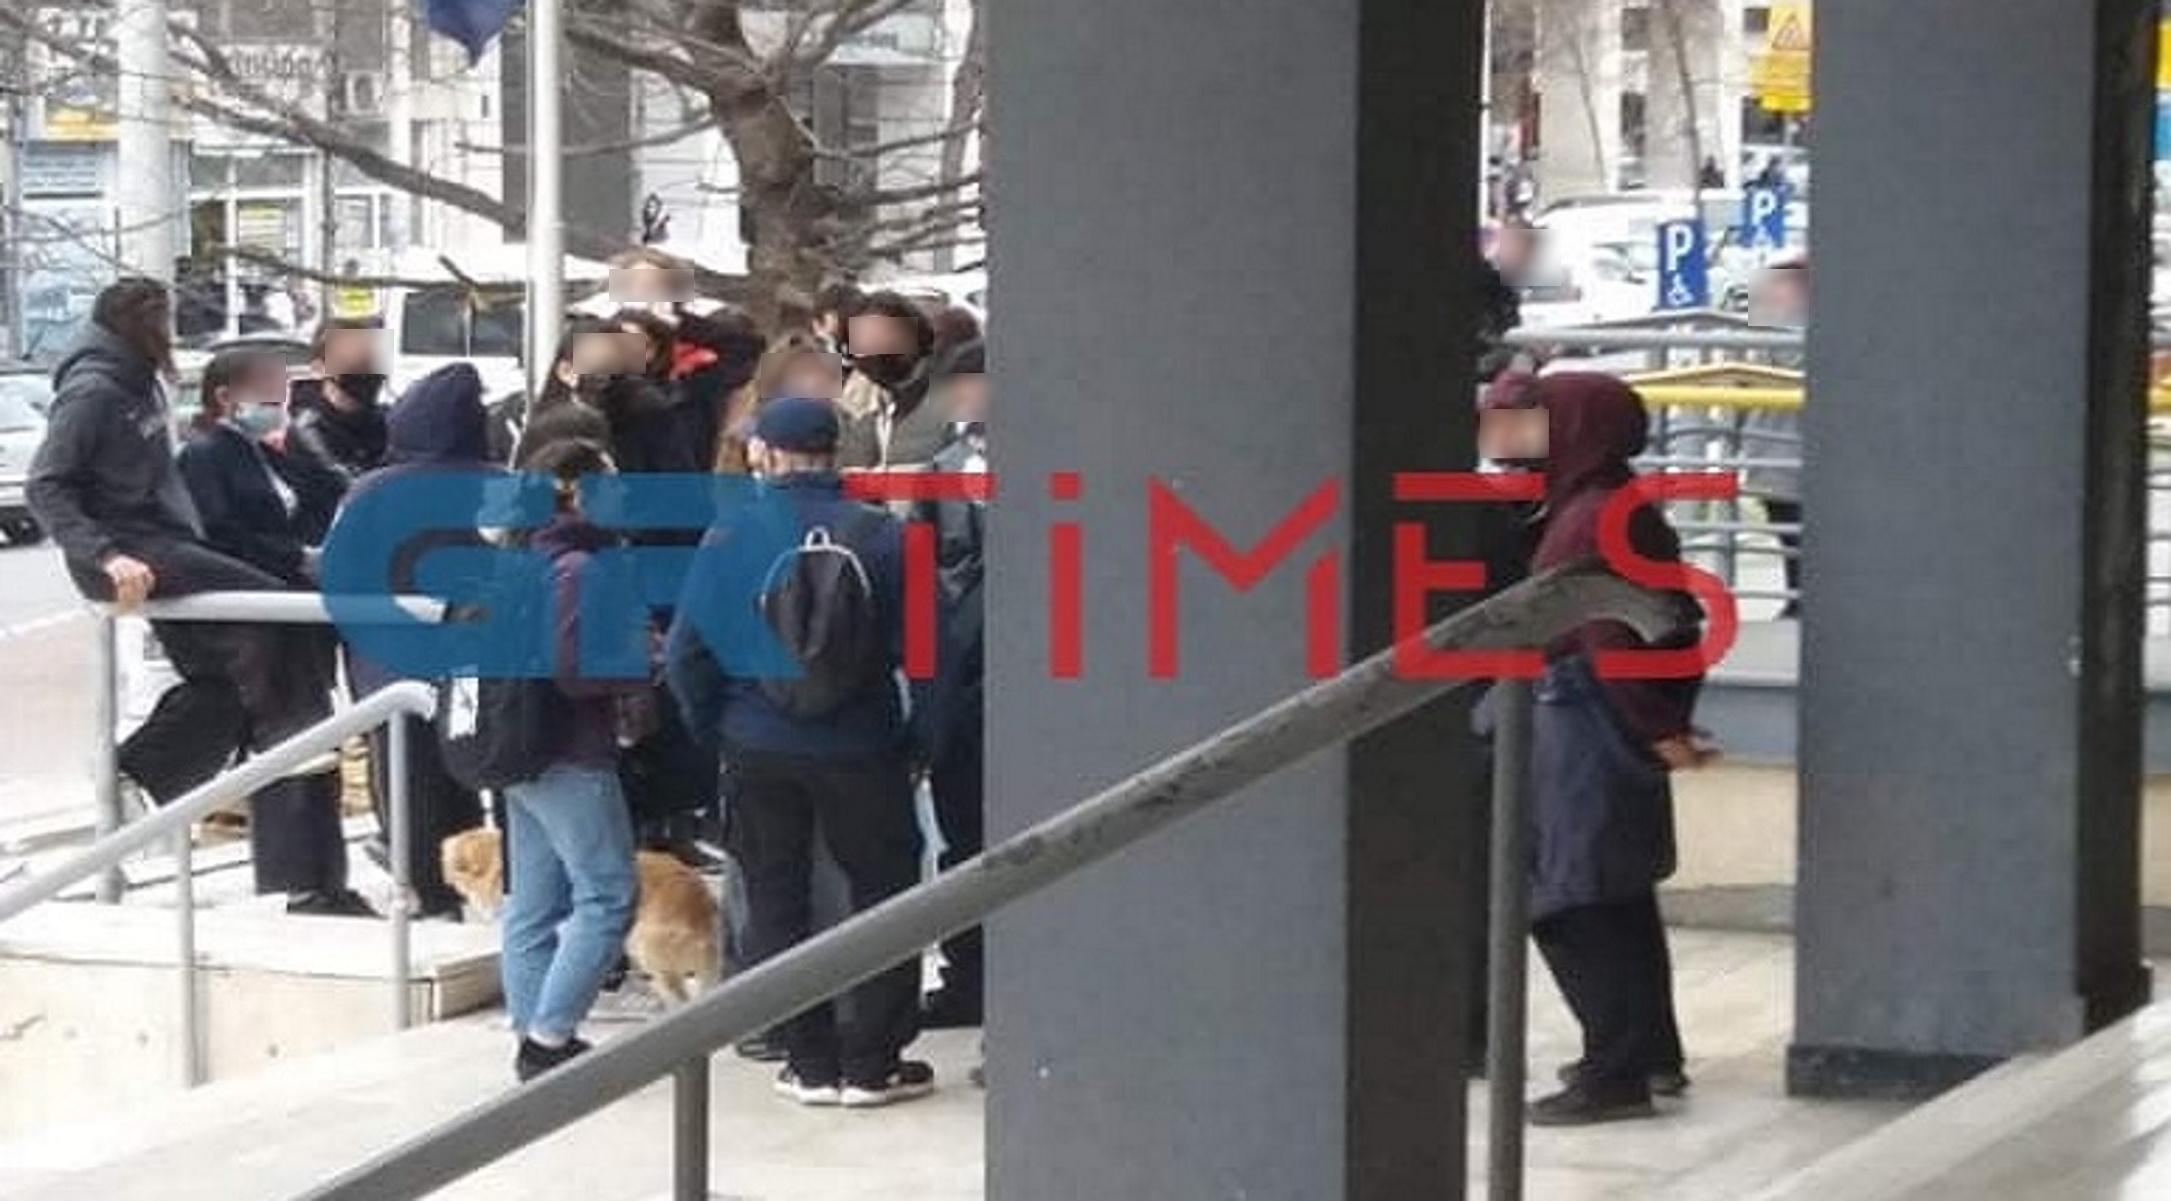 Θεσσαλονίκη: Στο αυτόφωρο 18χρονη για τα επεισόδια στο πανεκπαιδευτικό συλλαλητήριο